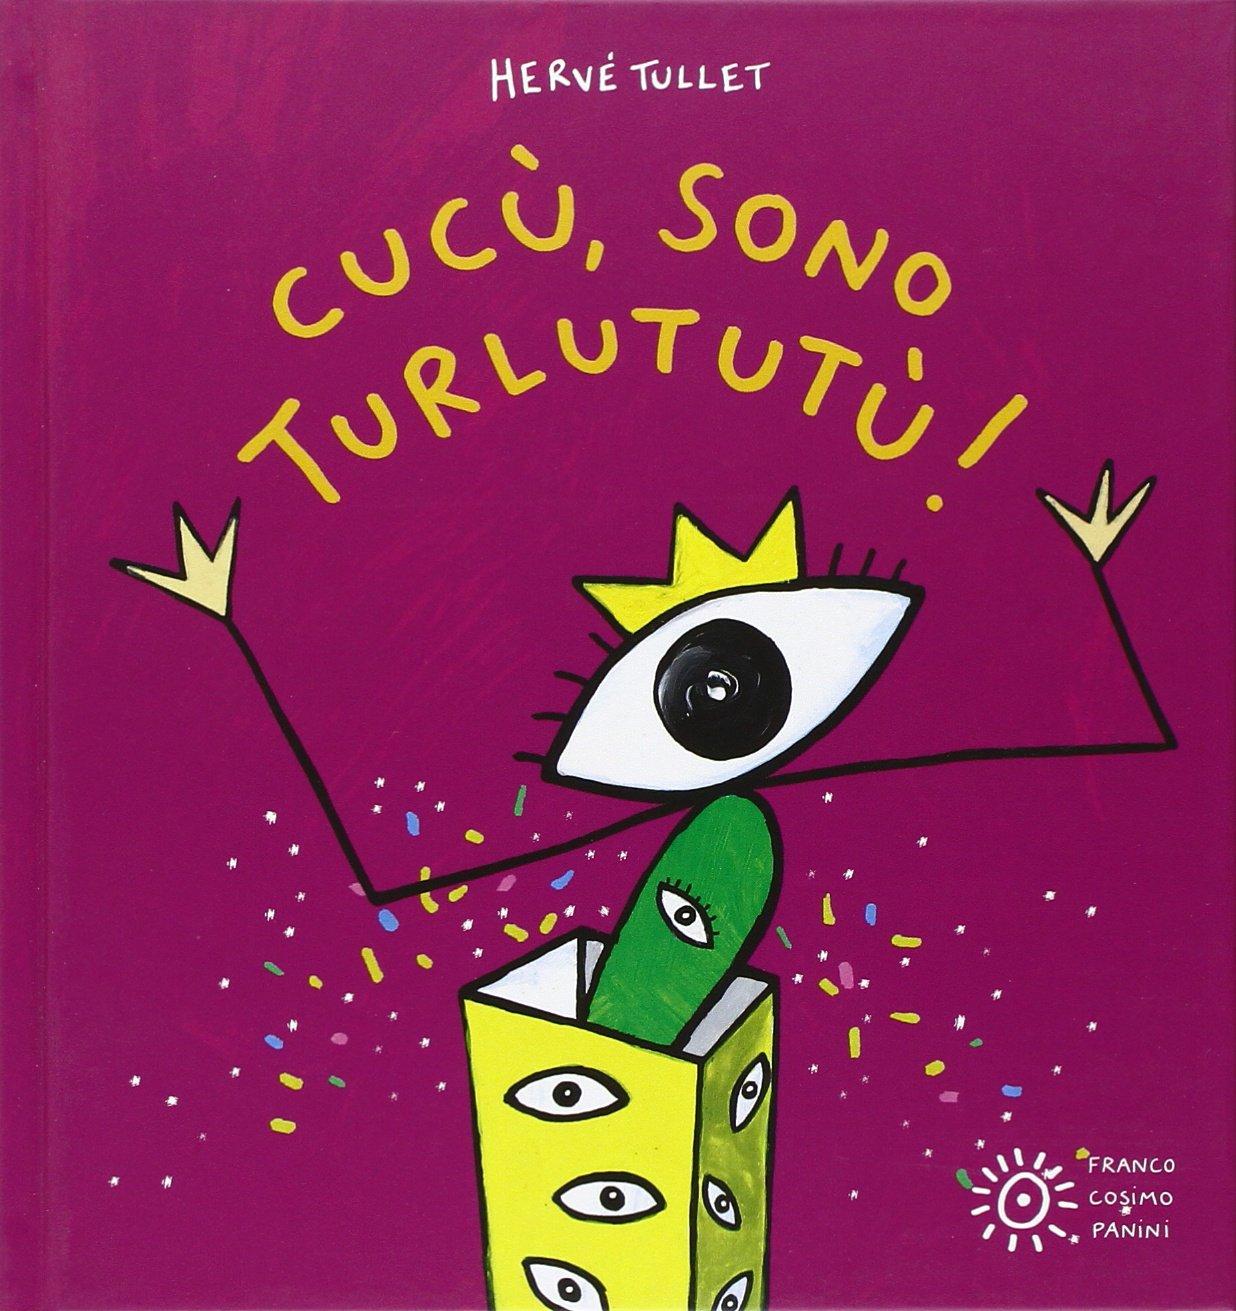 Cucù, sono Turlututù! di Hervè Tullet